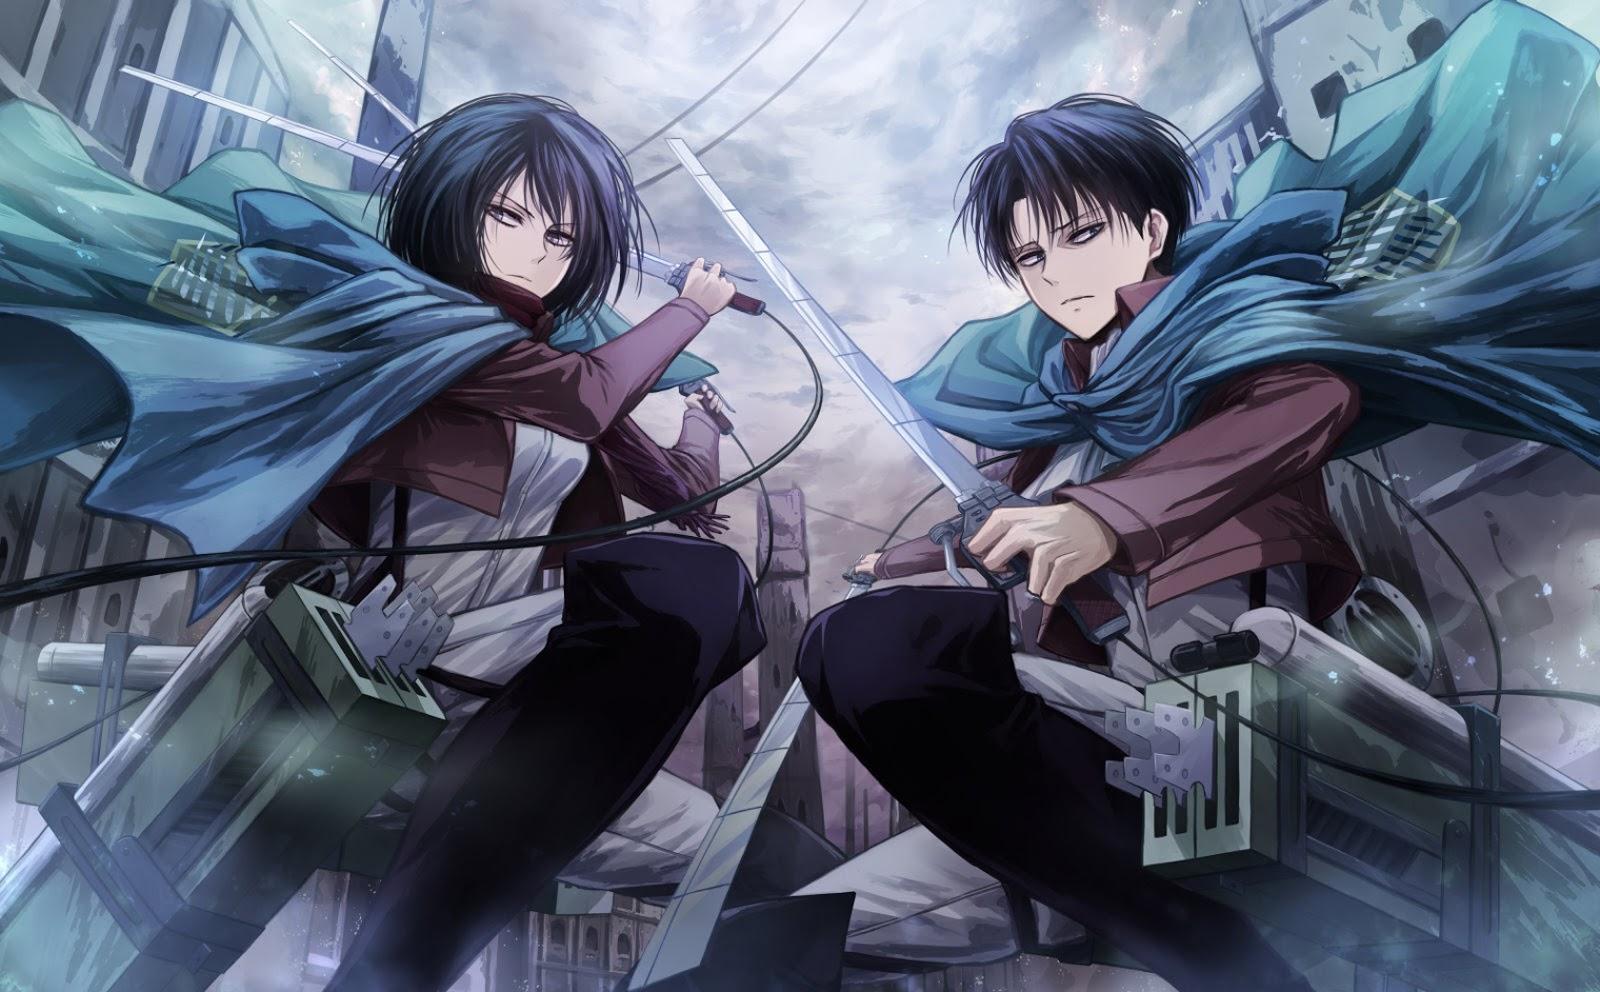 Levi-And-Mikase-Ackerman-HD-wallpaper-wp427110